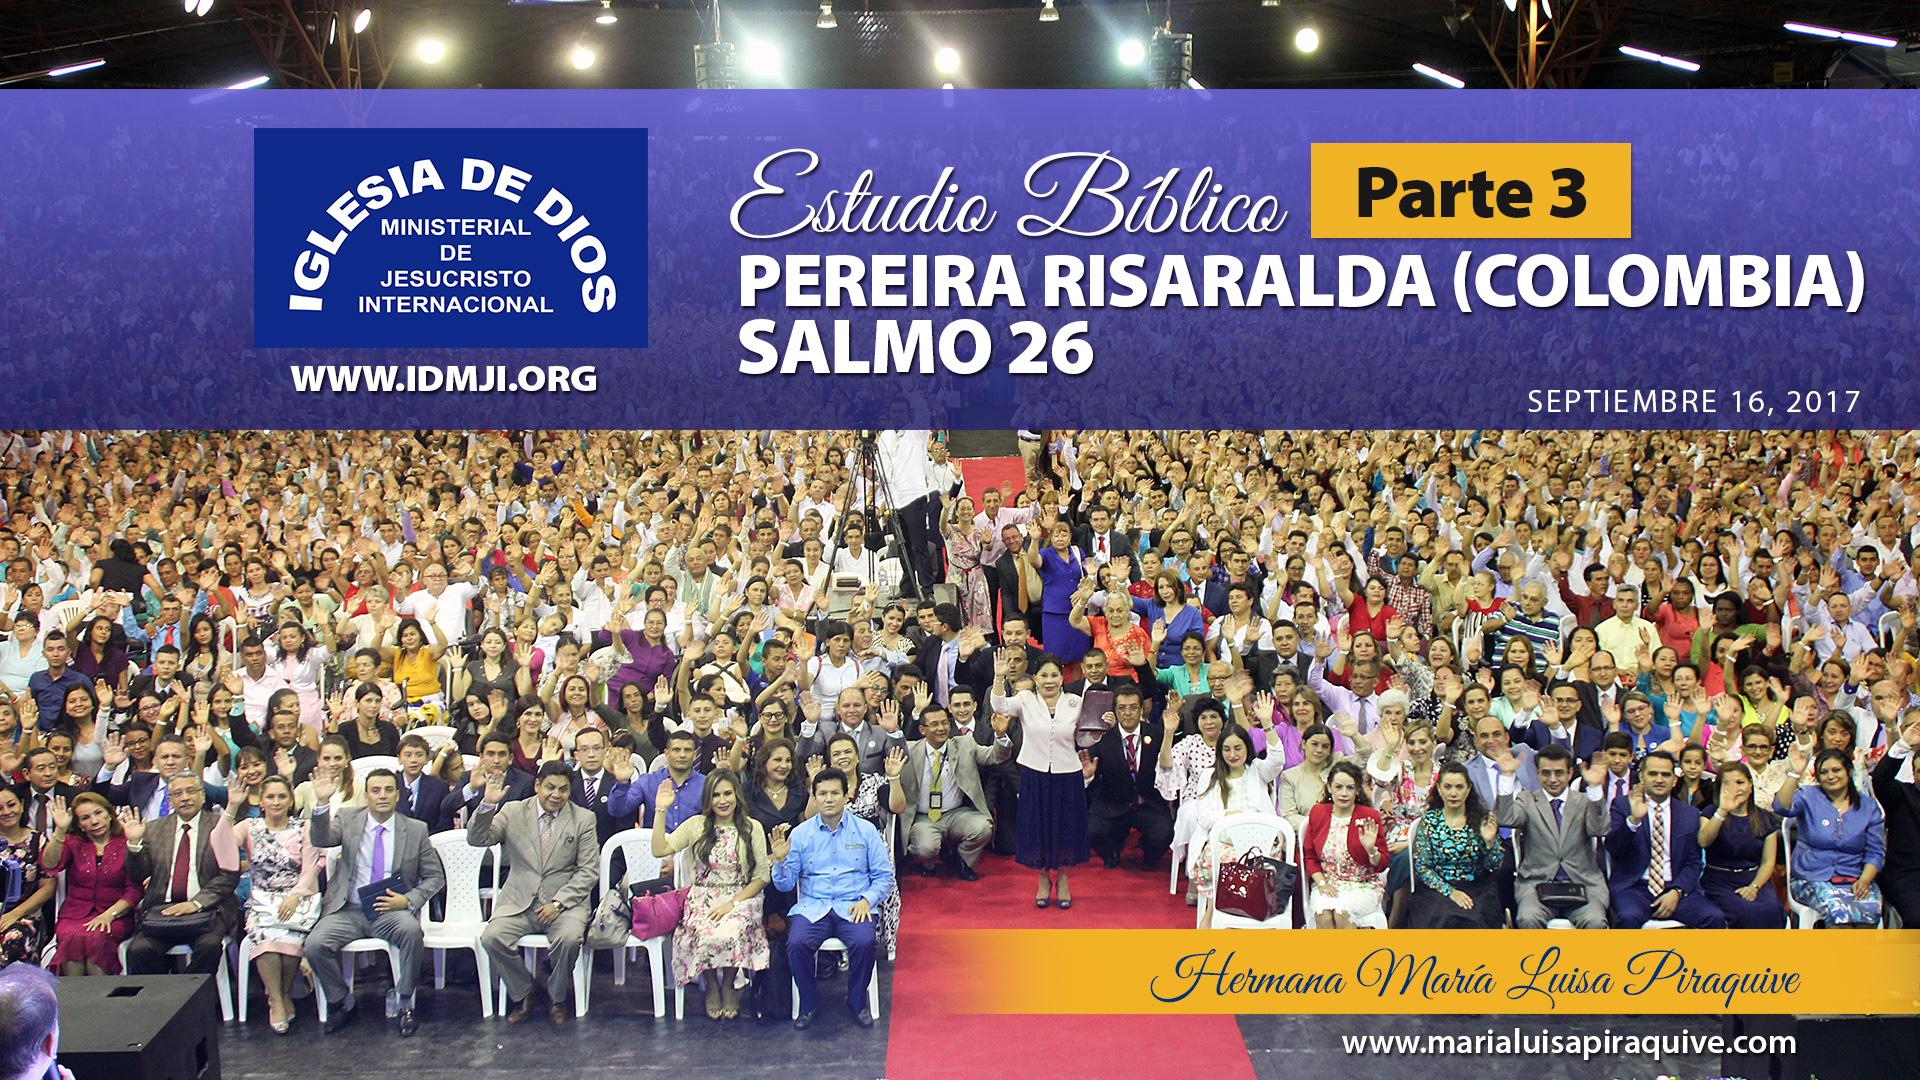 Estudio bíblico en Pereira Risaralda (Colombia) Parte 3